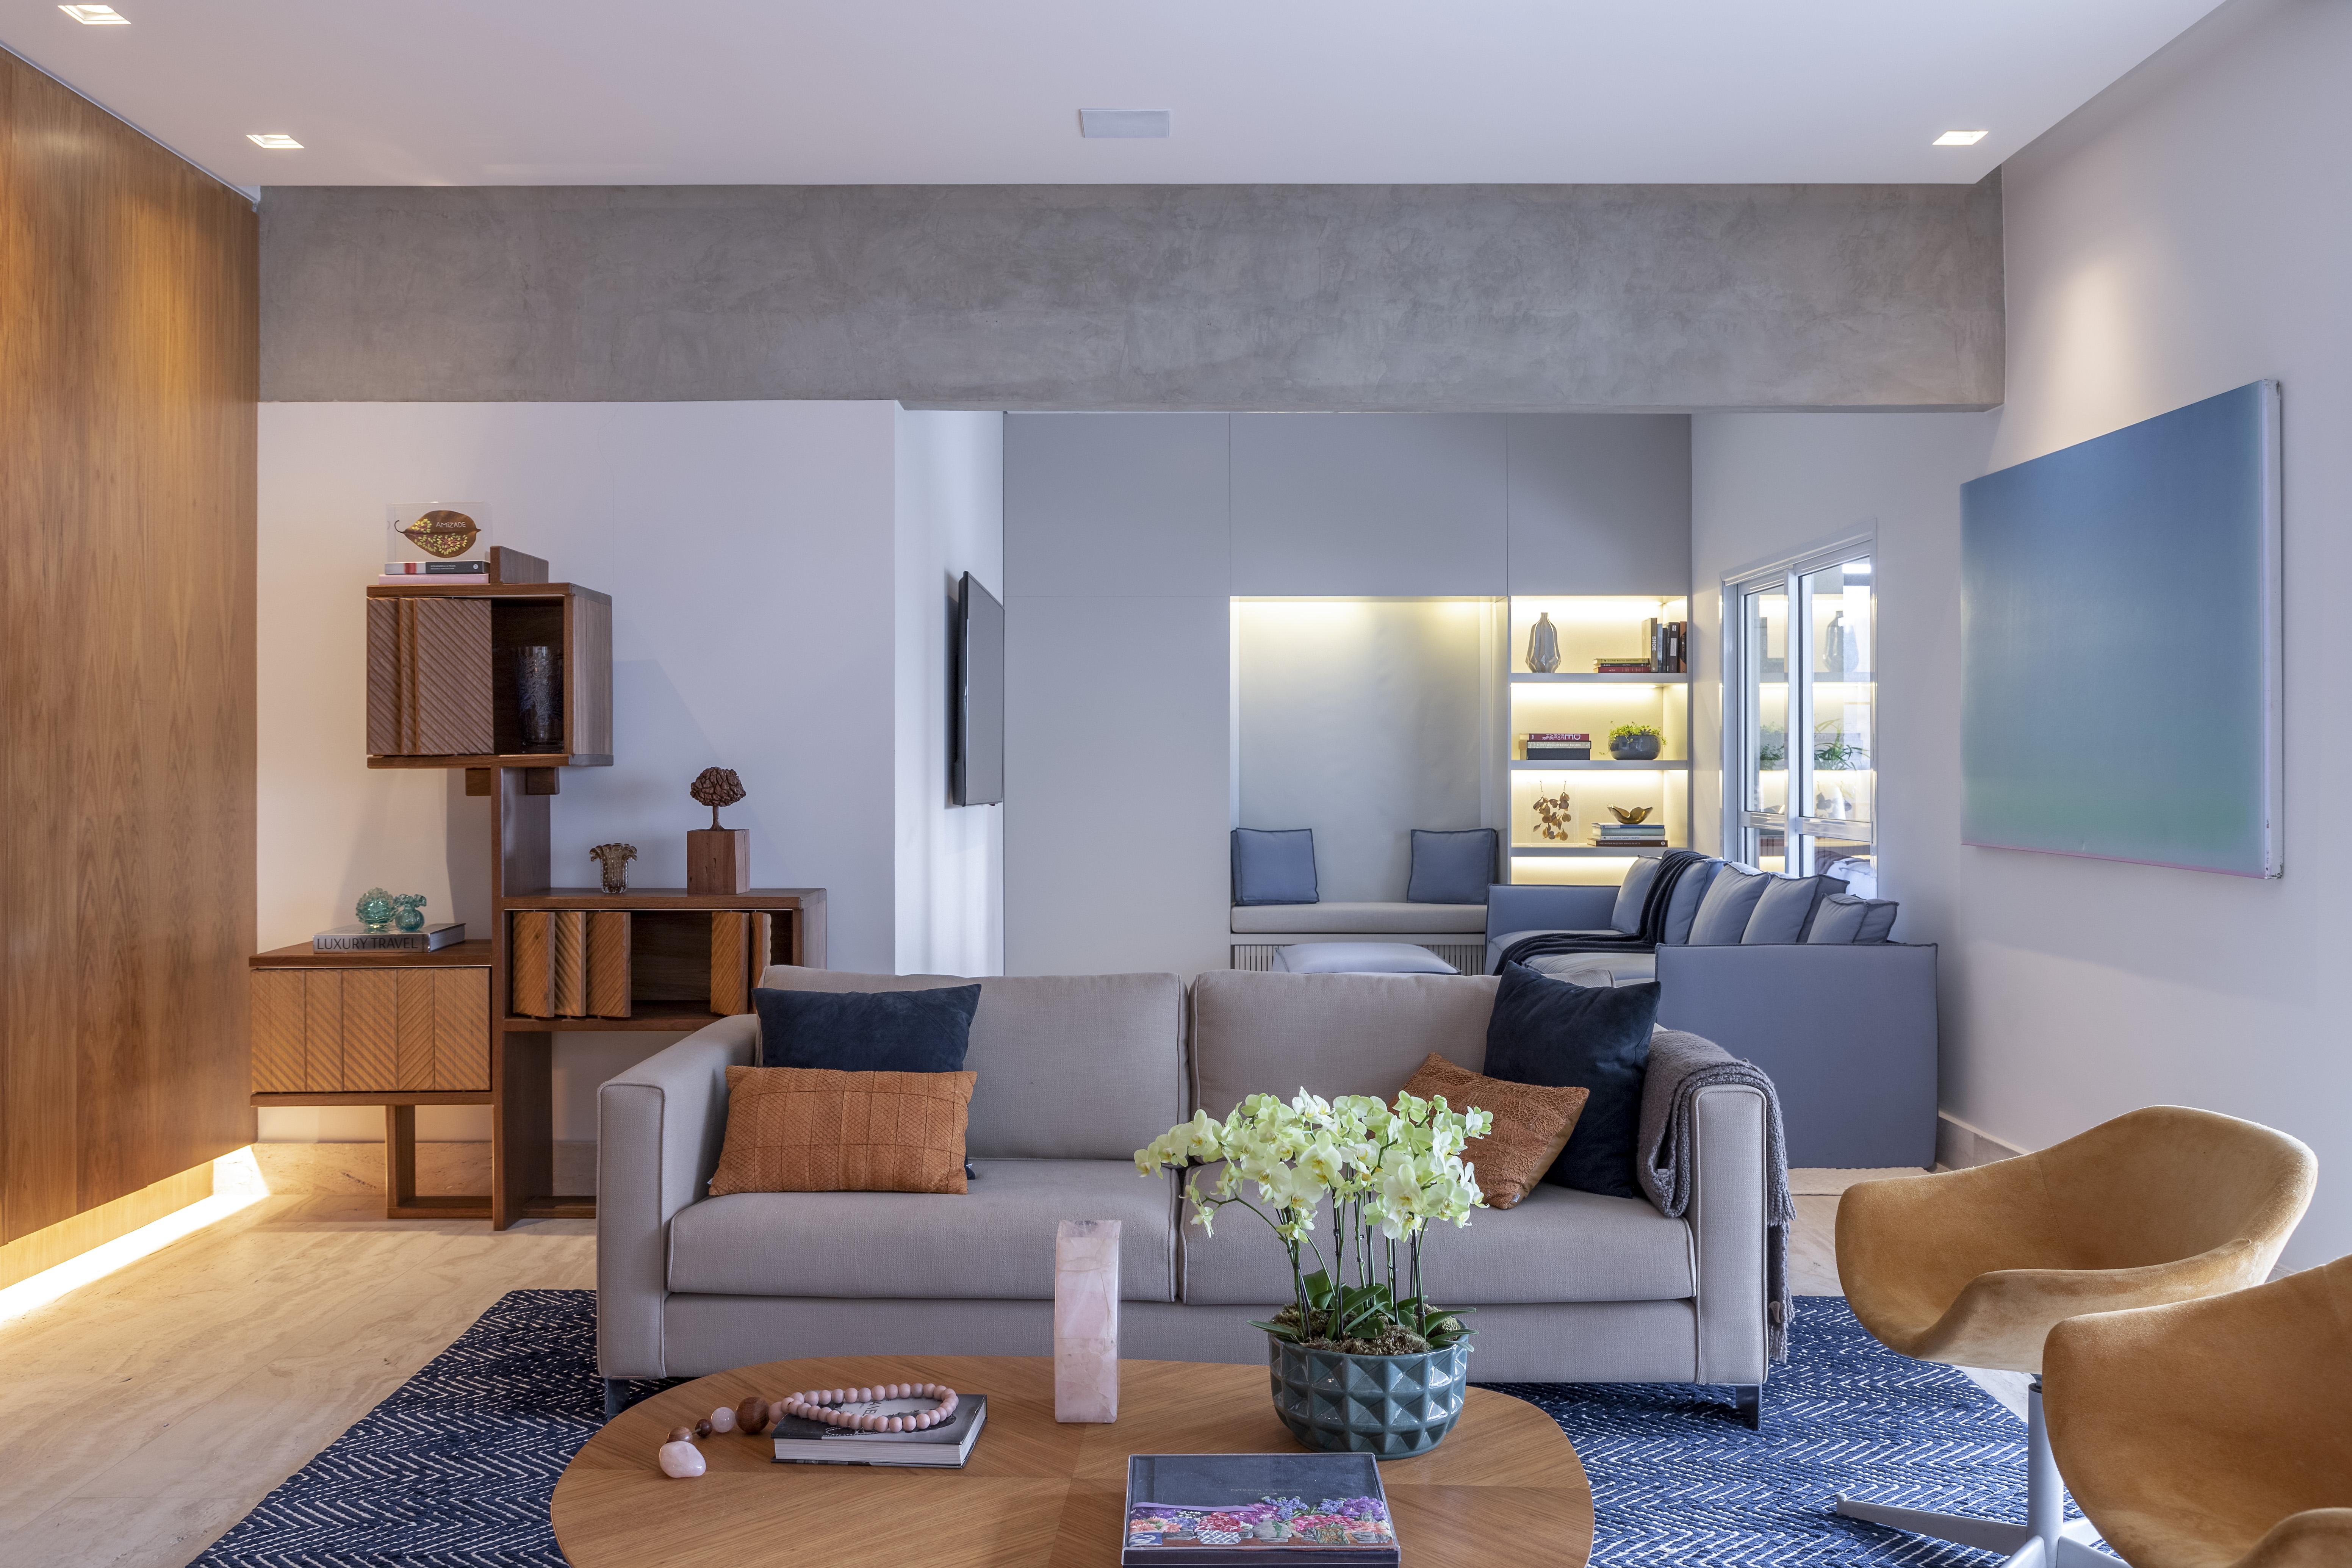 Sala de estar integrada com sofá cinza, tapete azul e mesa de madeira